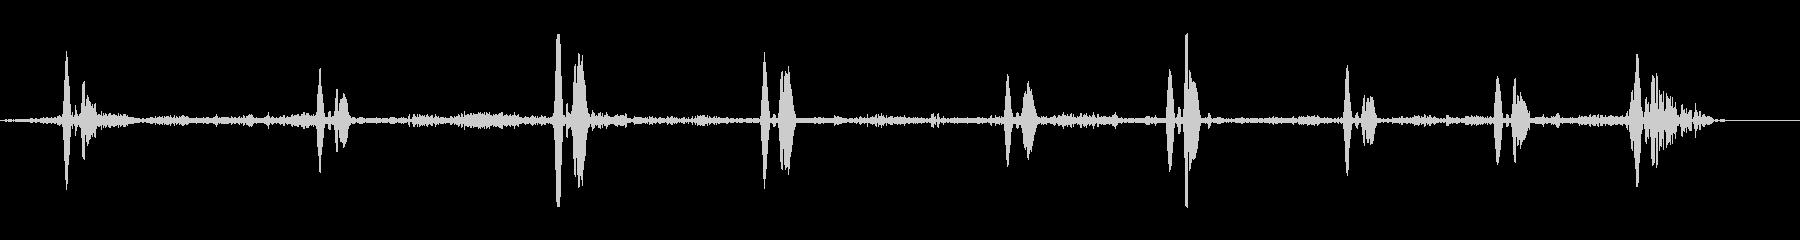 デュポンアローザベクーダラークの未再生の波形